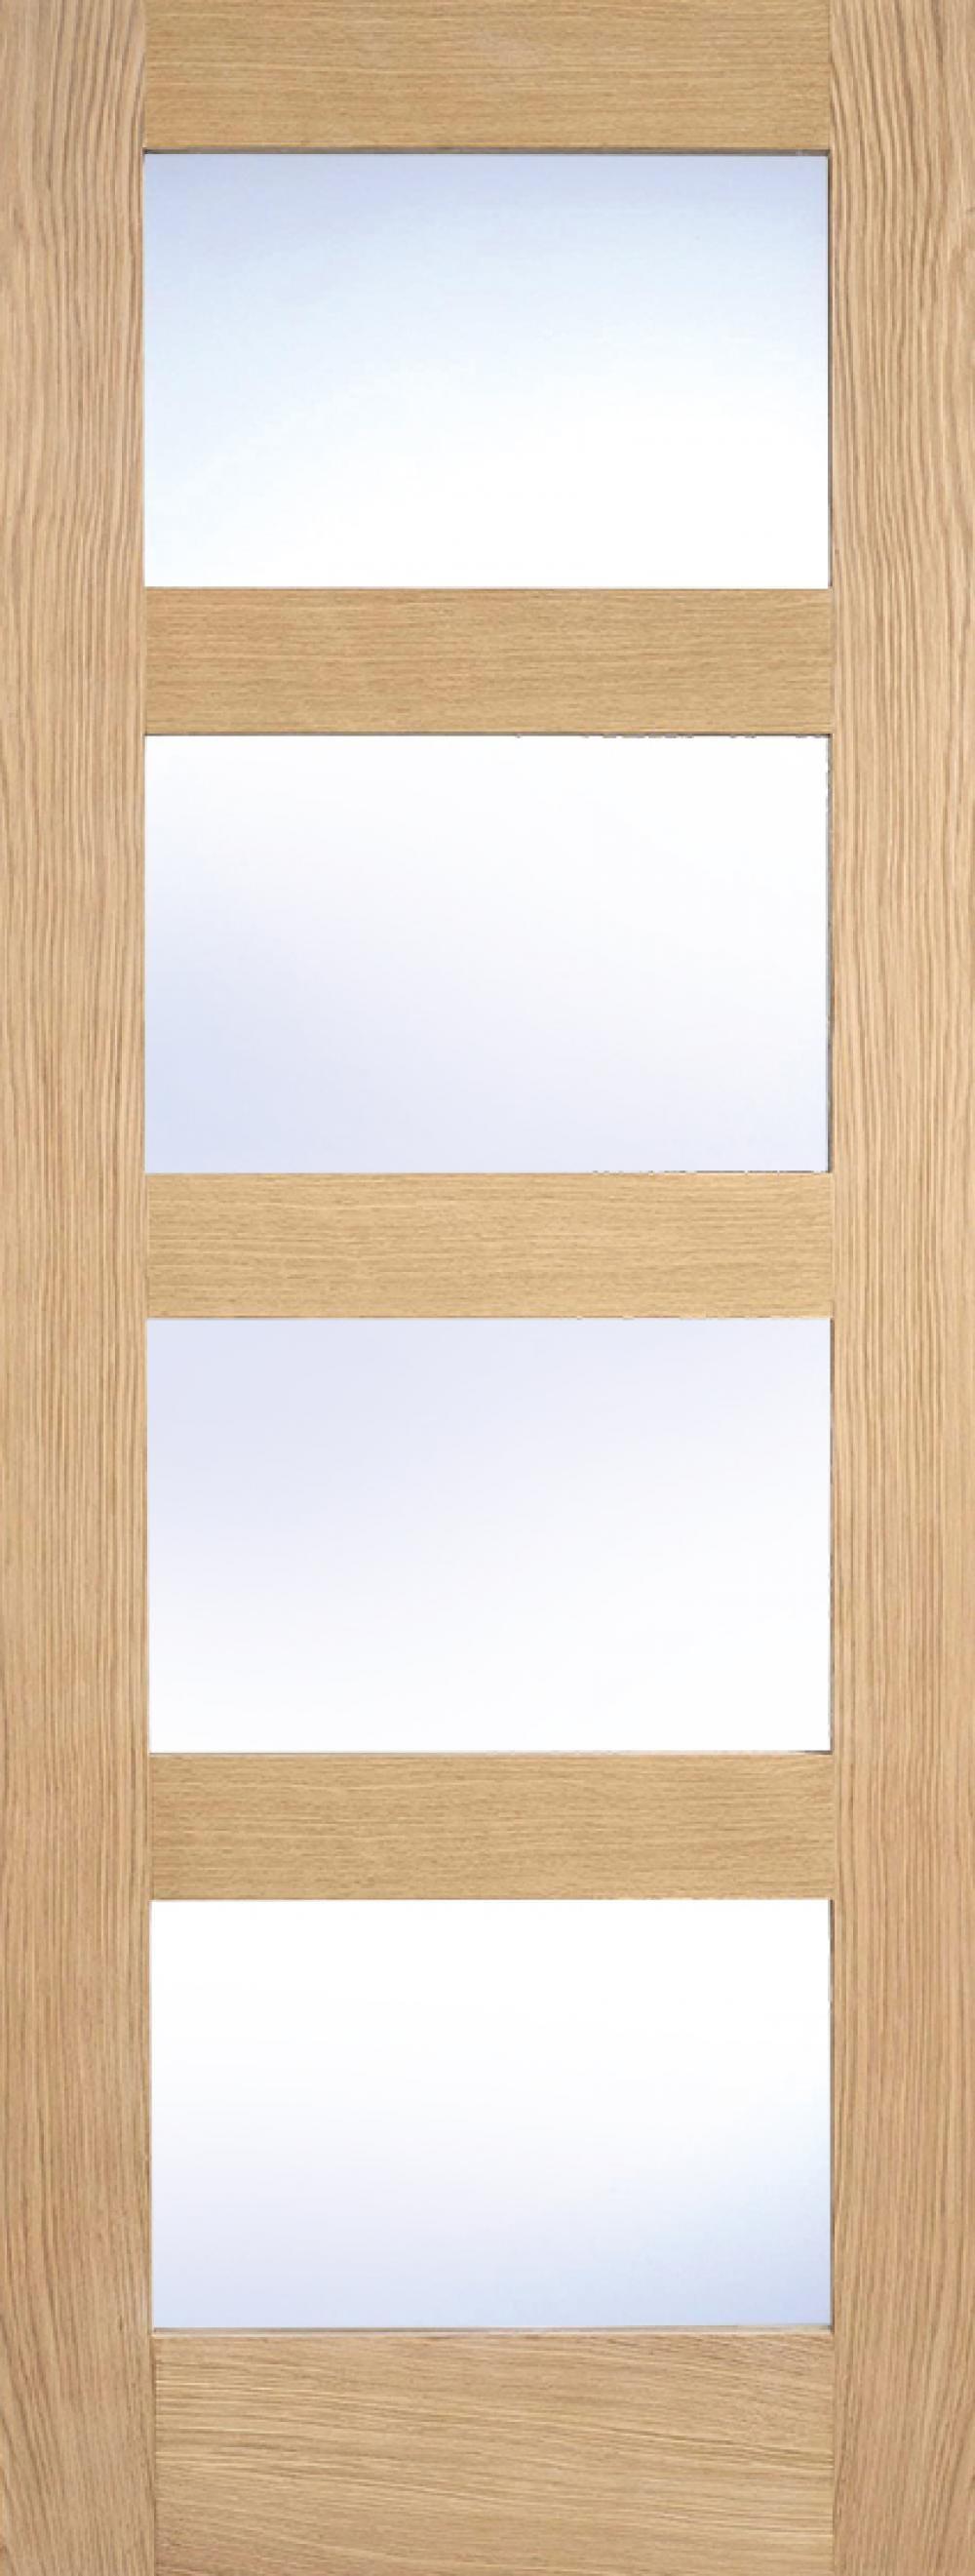 Glazed Oak 4 Light Fire Door - Clear Glass Image